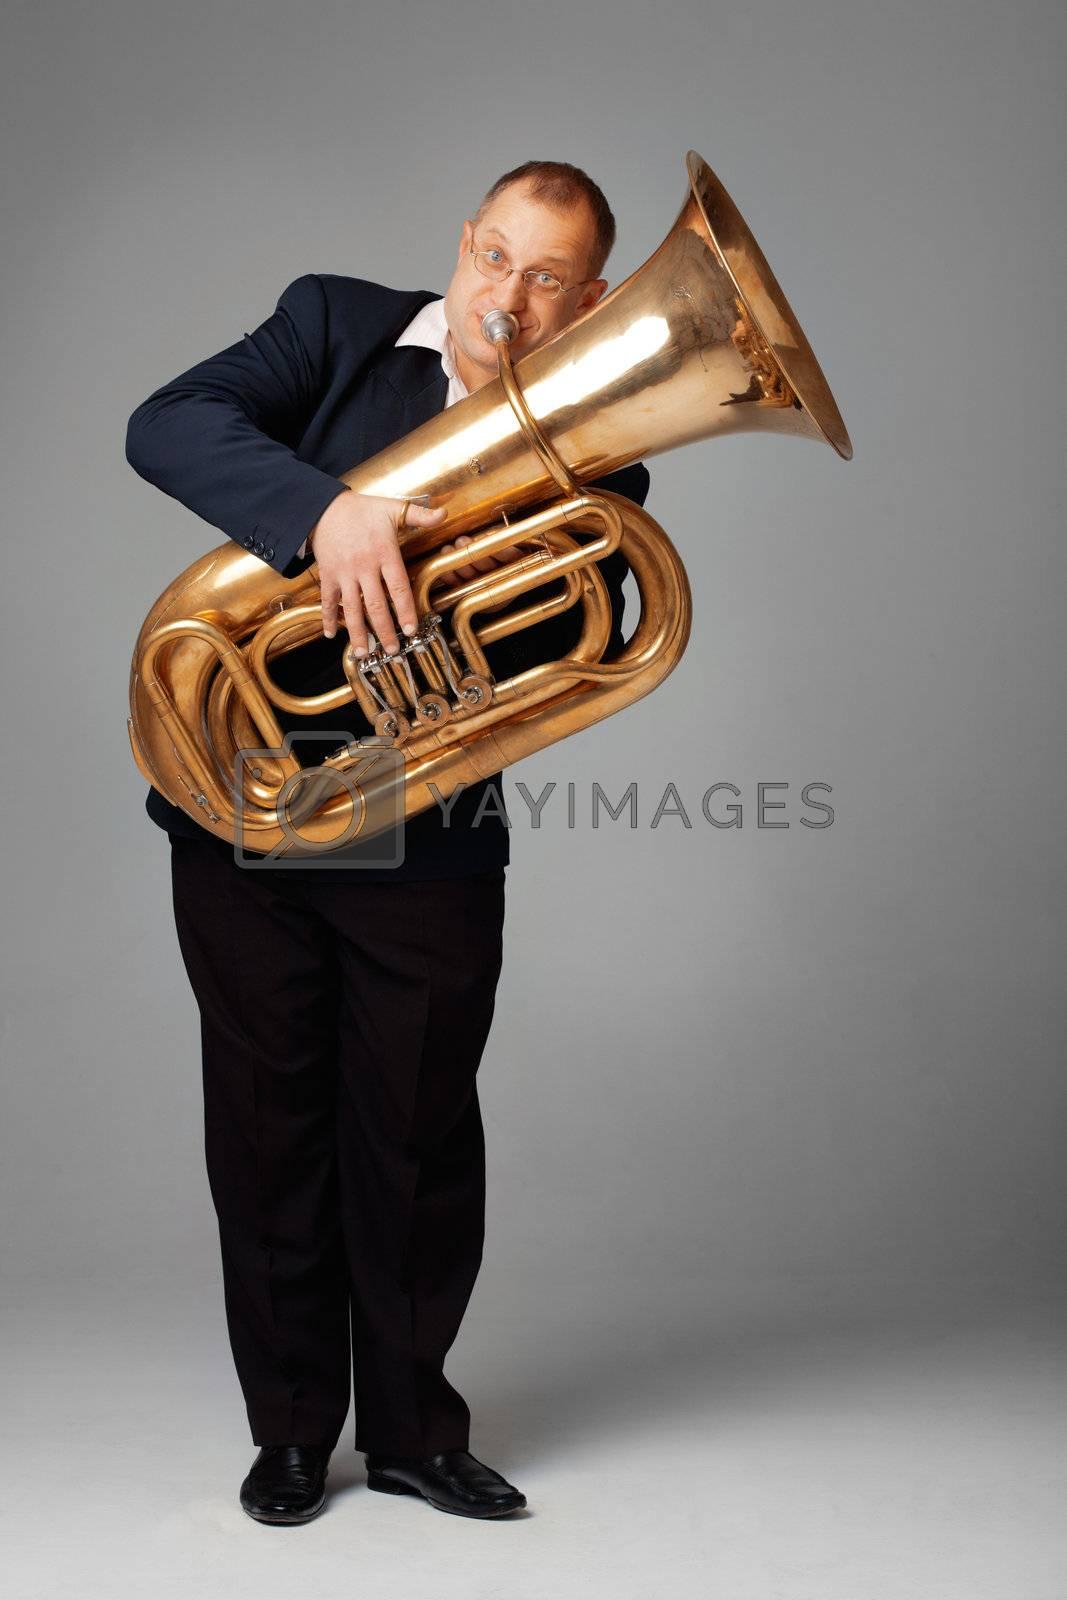 Musician playing the tuba